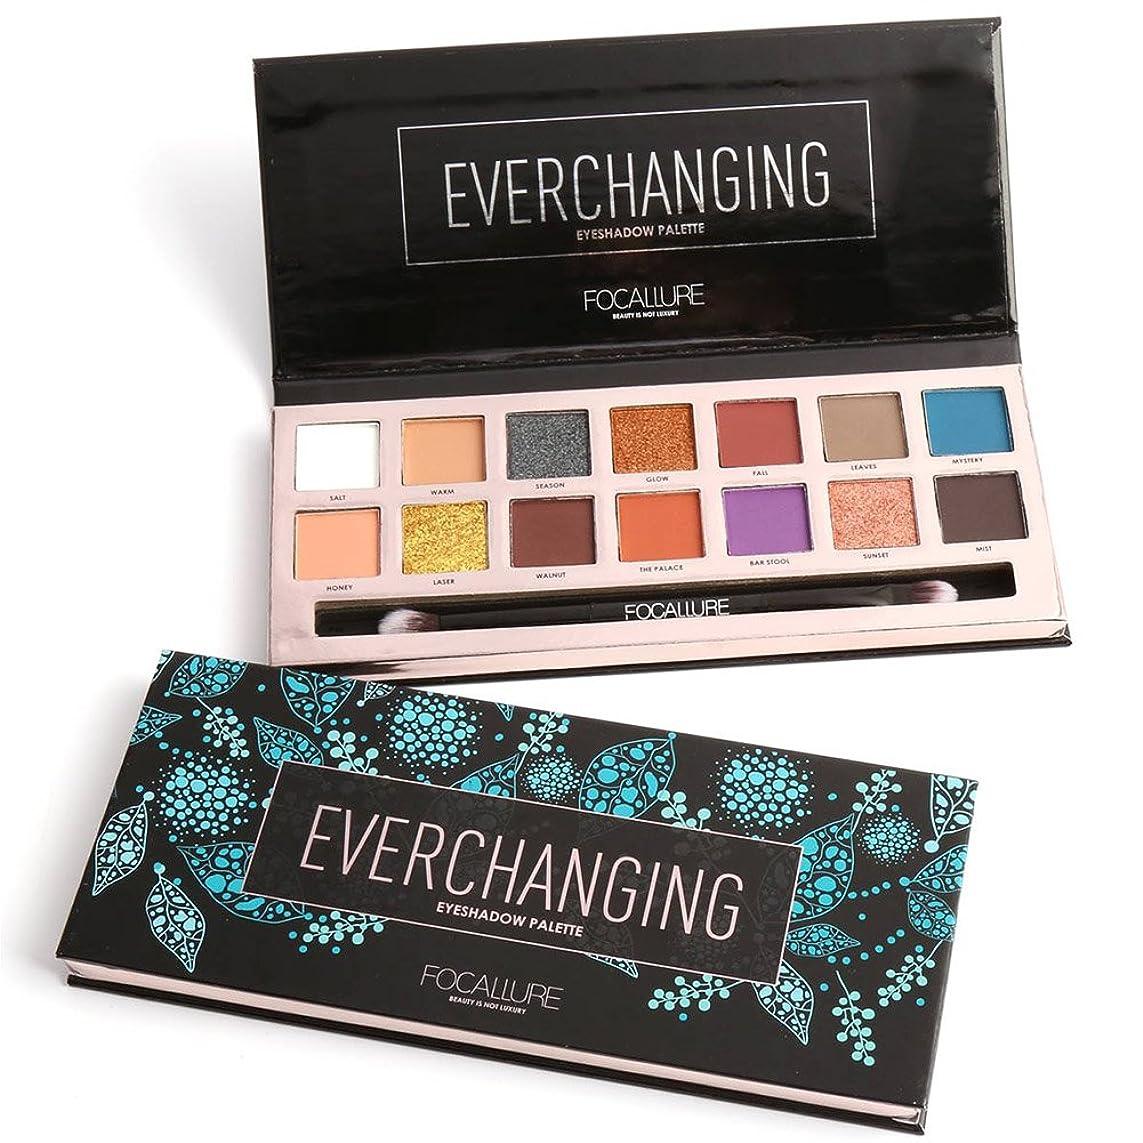 下品サミュエル茎14 Colors Eyeshadow Palette Matte Glitter Shimmer Everchanging Eyeshadow Palette with Brush 14色のマット?グリッター?シマーEverchangingアイシャドウパレット(ブラシ付き)